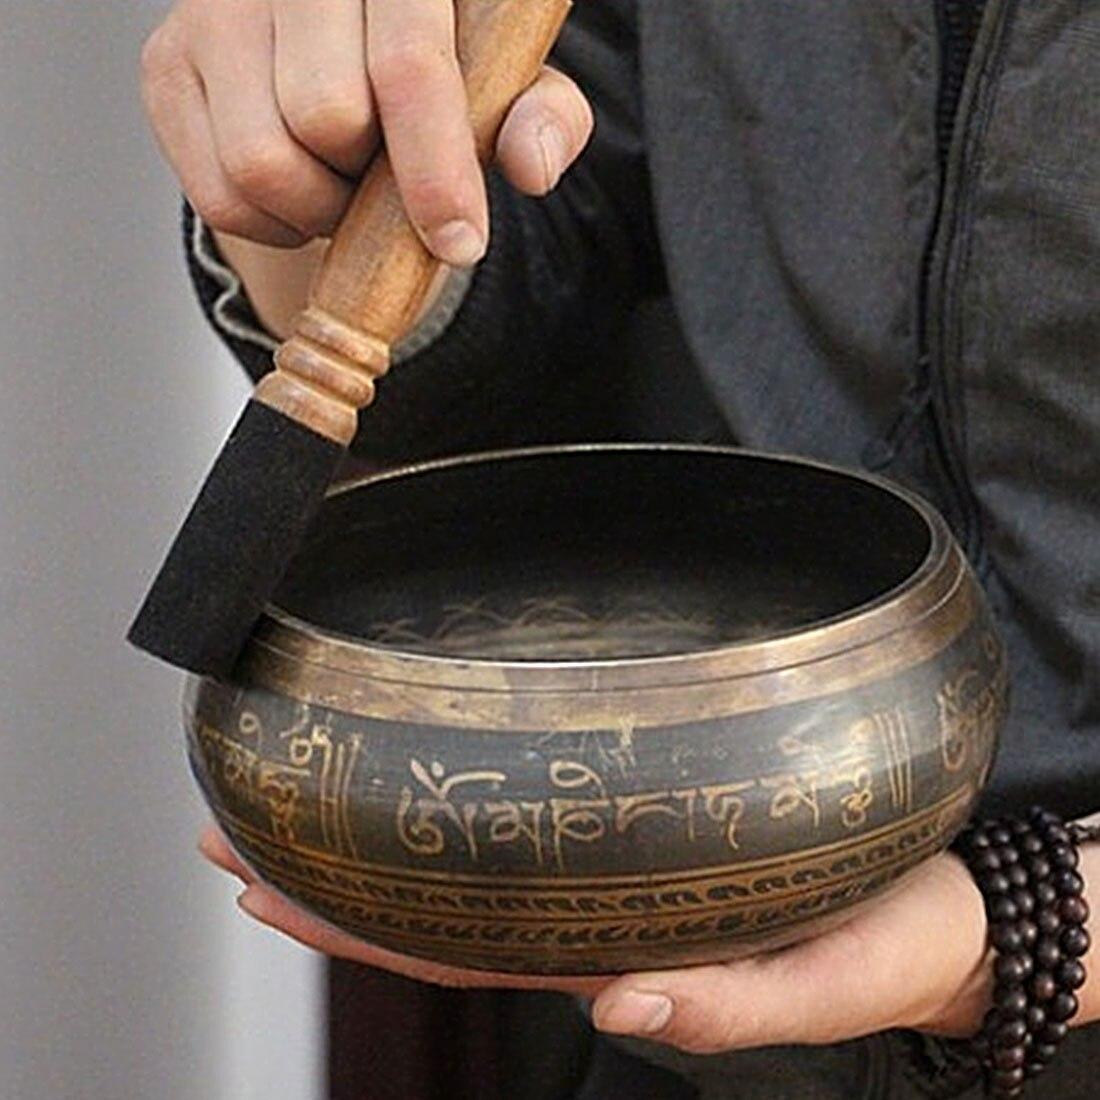 SDR Tibetischen Schüssel Singen Schüssel Dekorative-wand-gerichten Hause Dekoration Dekorative Wand Gerichte Tibetischen Singen Schüssel